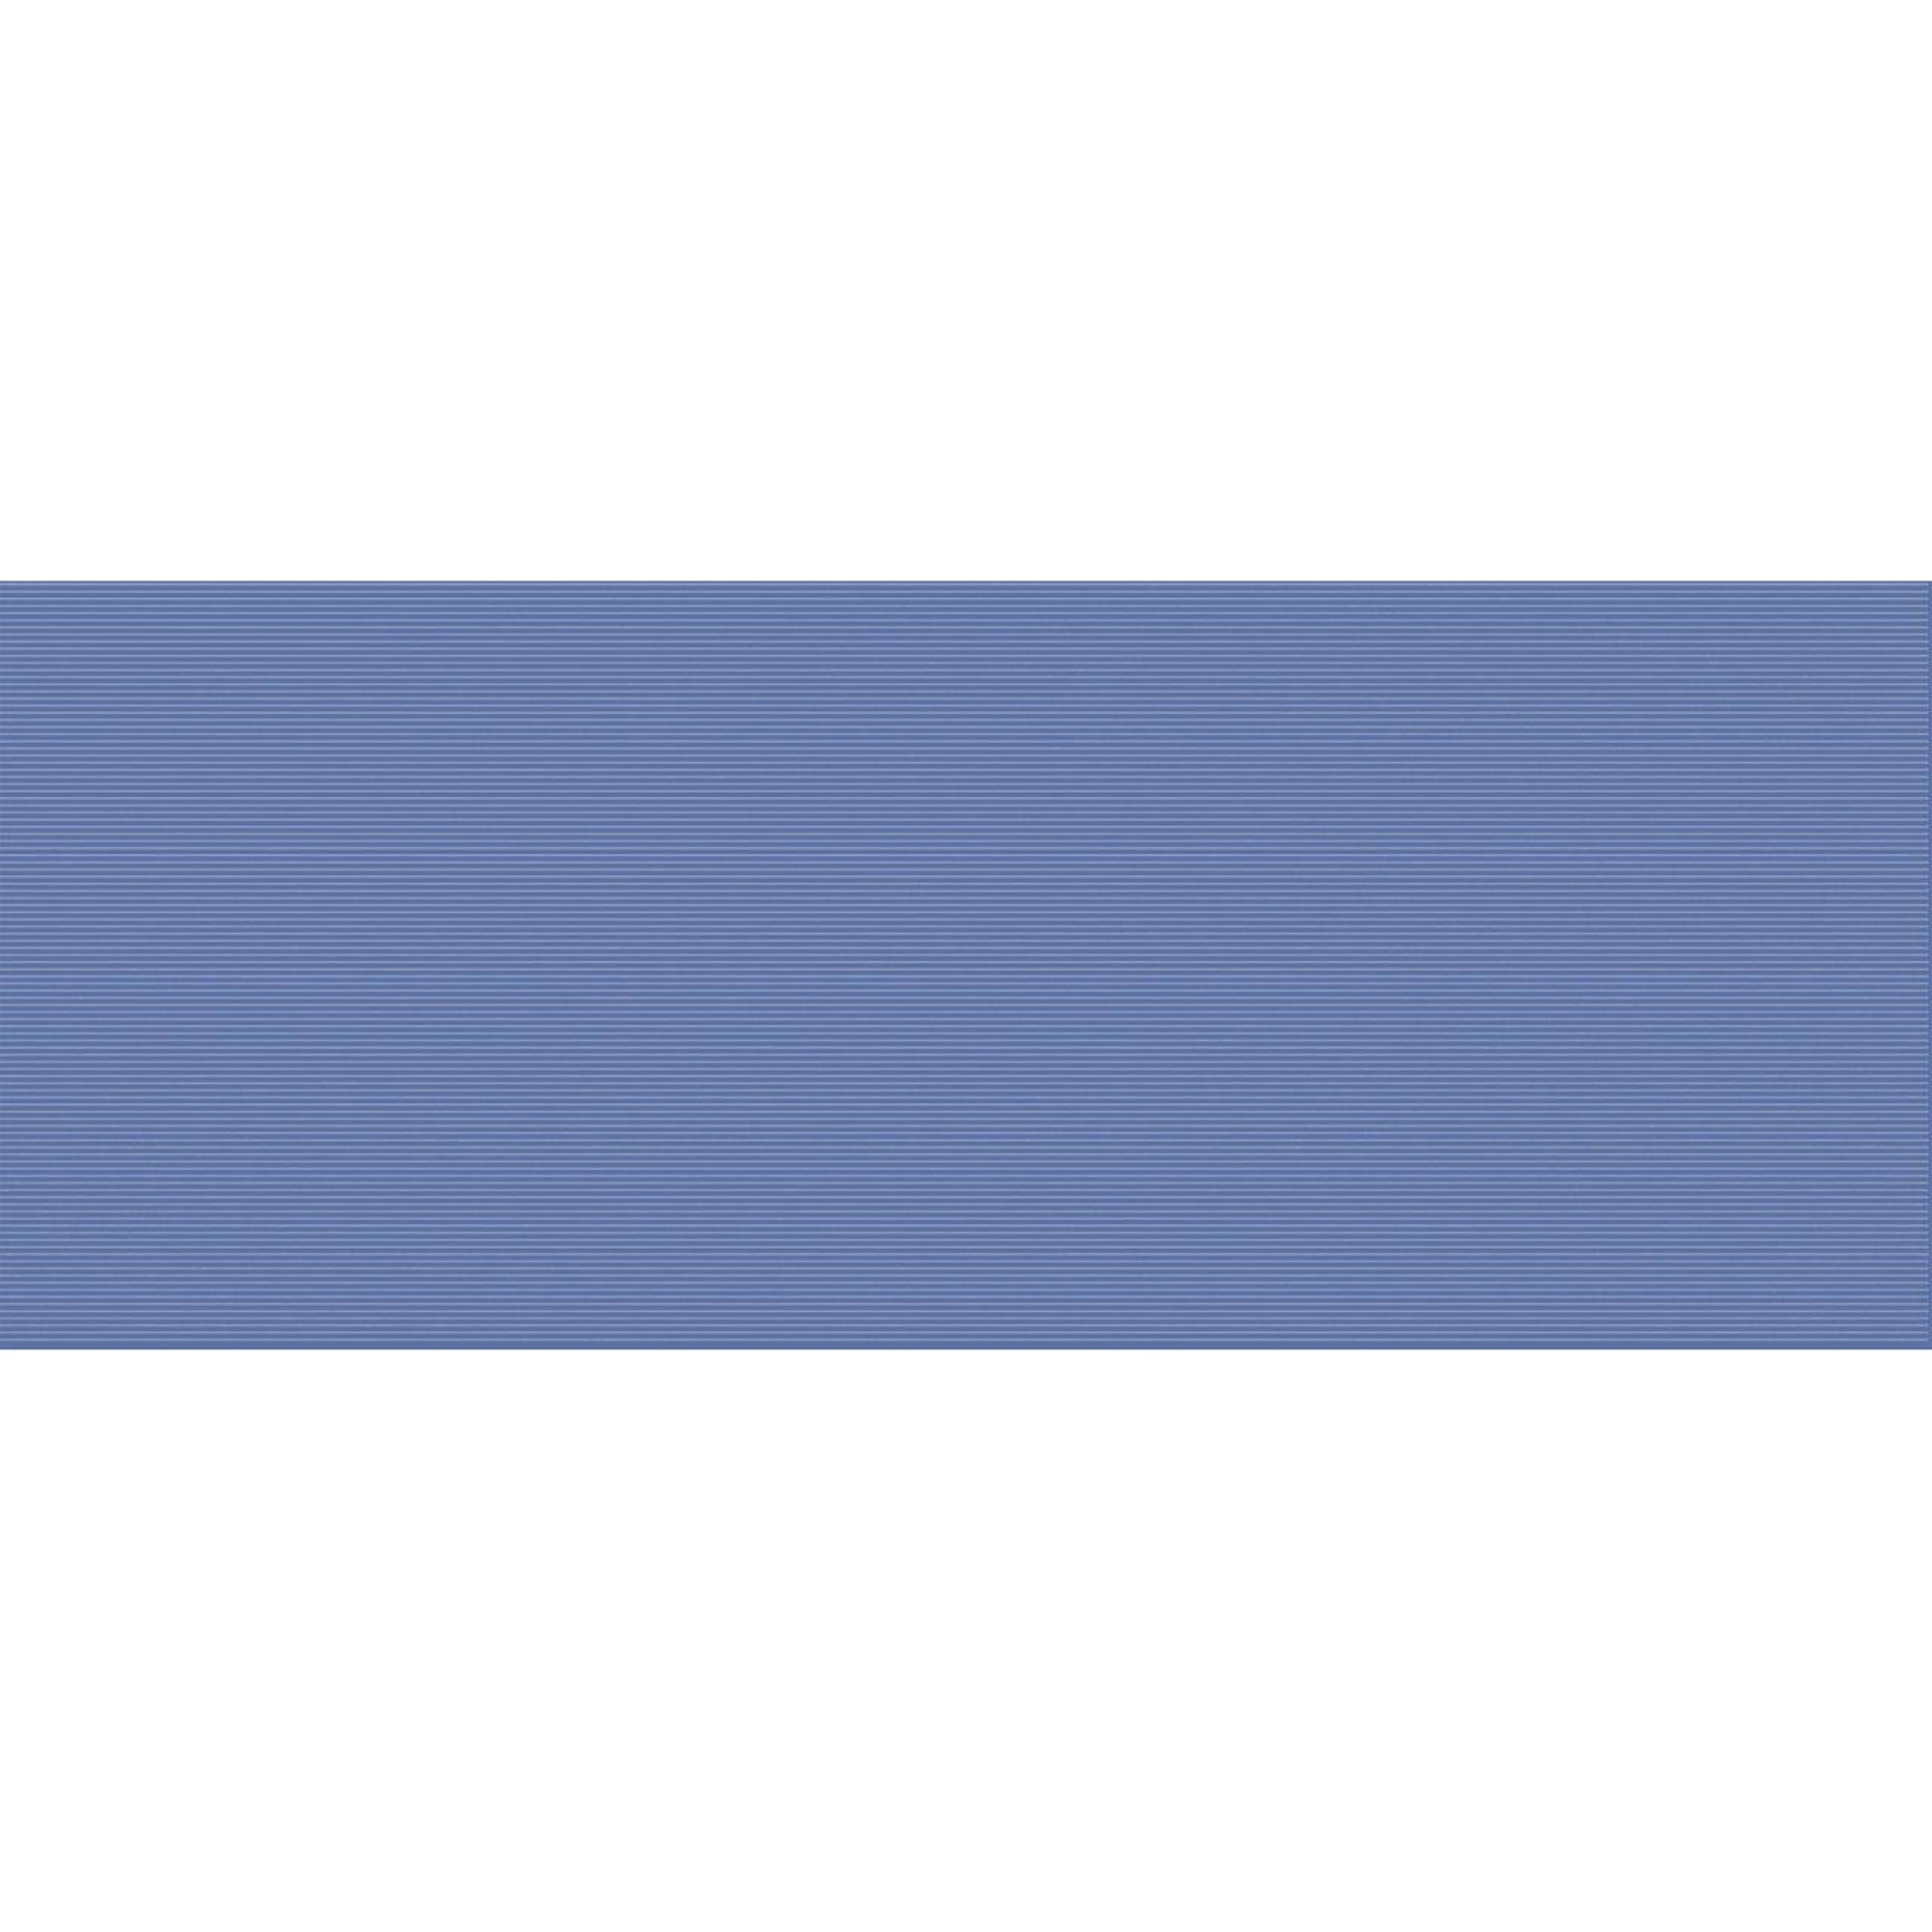 Плитка Kerlife Splendida Azul 50,5x20,1 см недорого